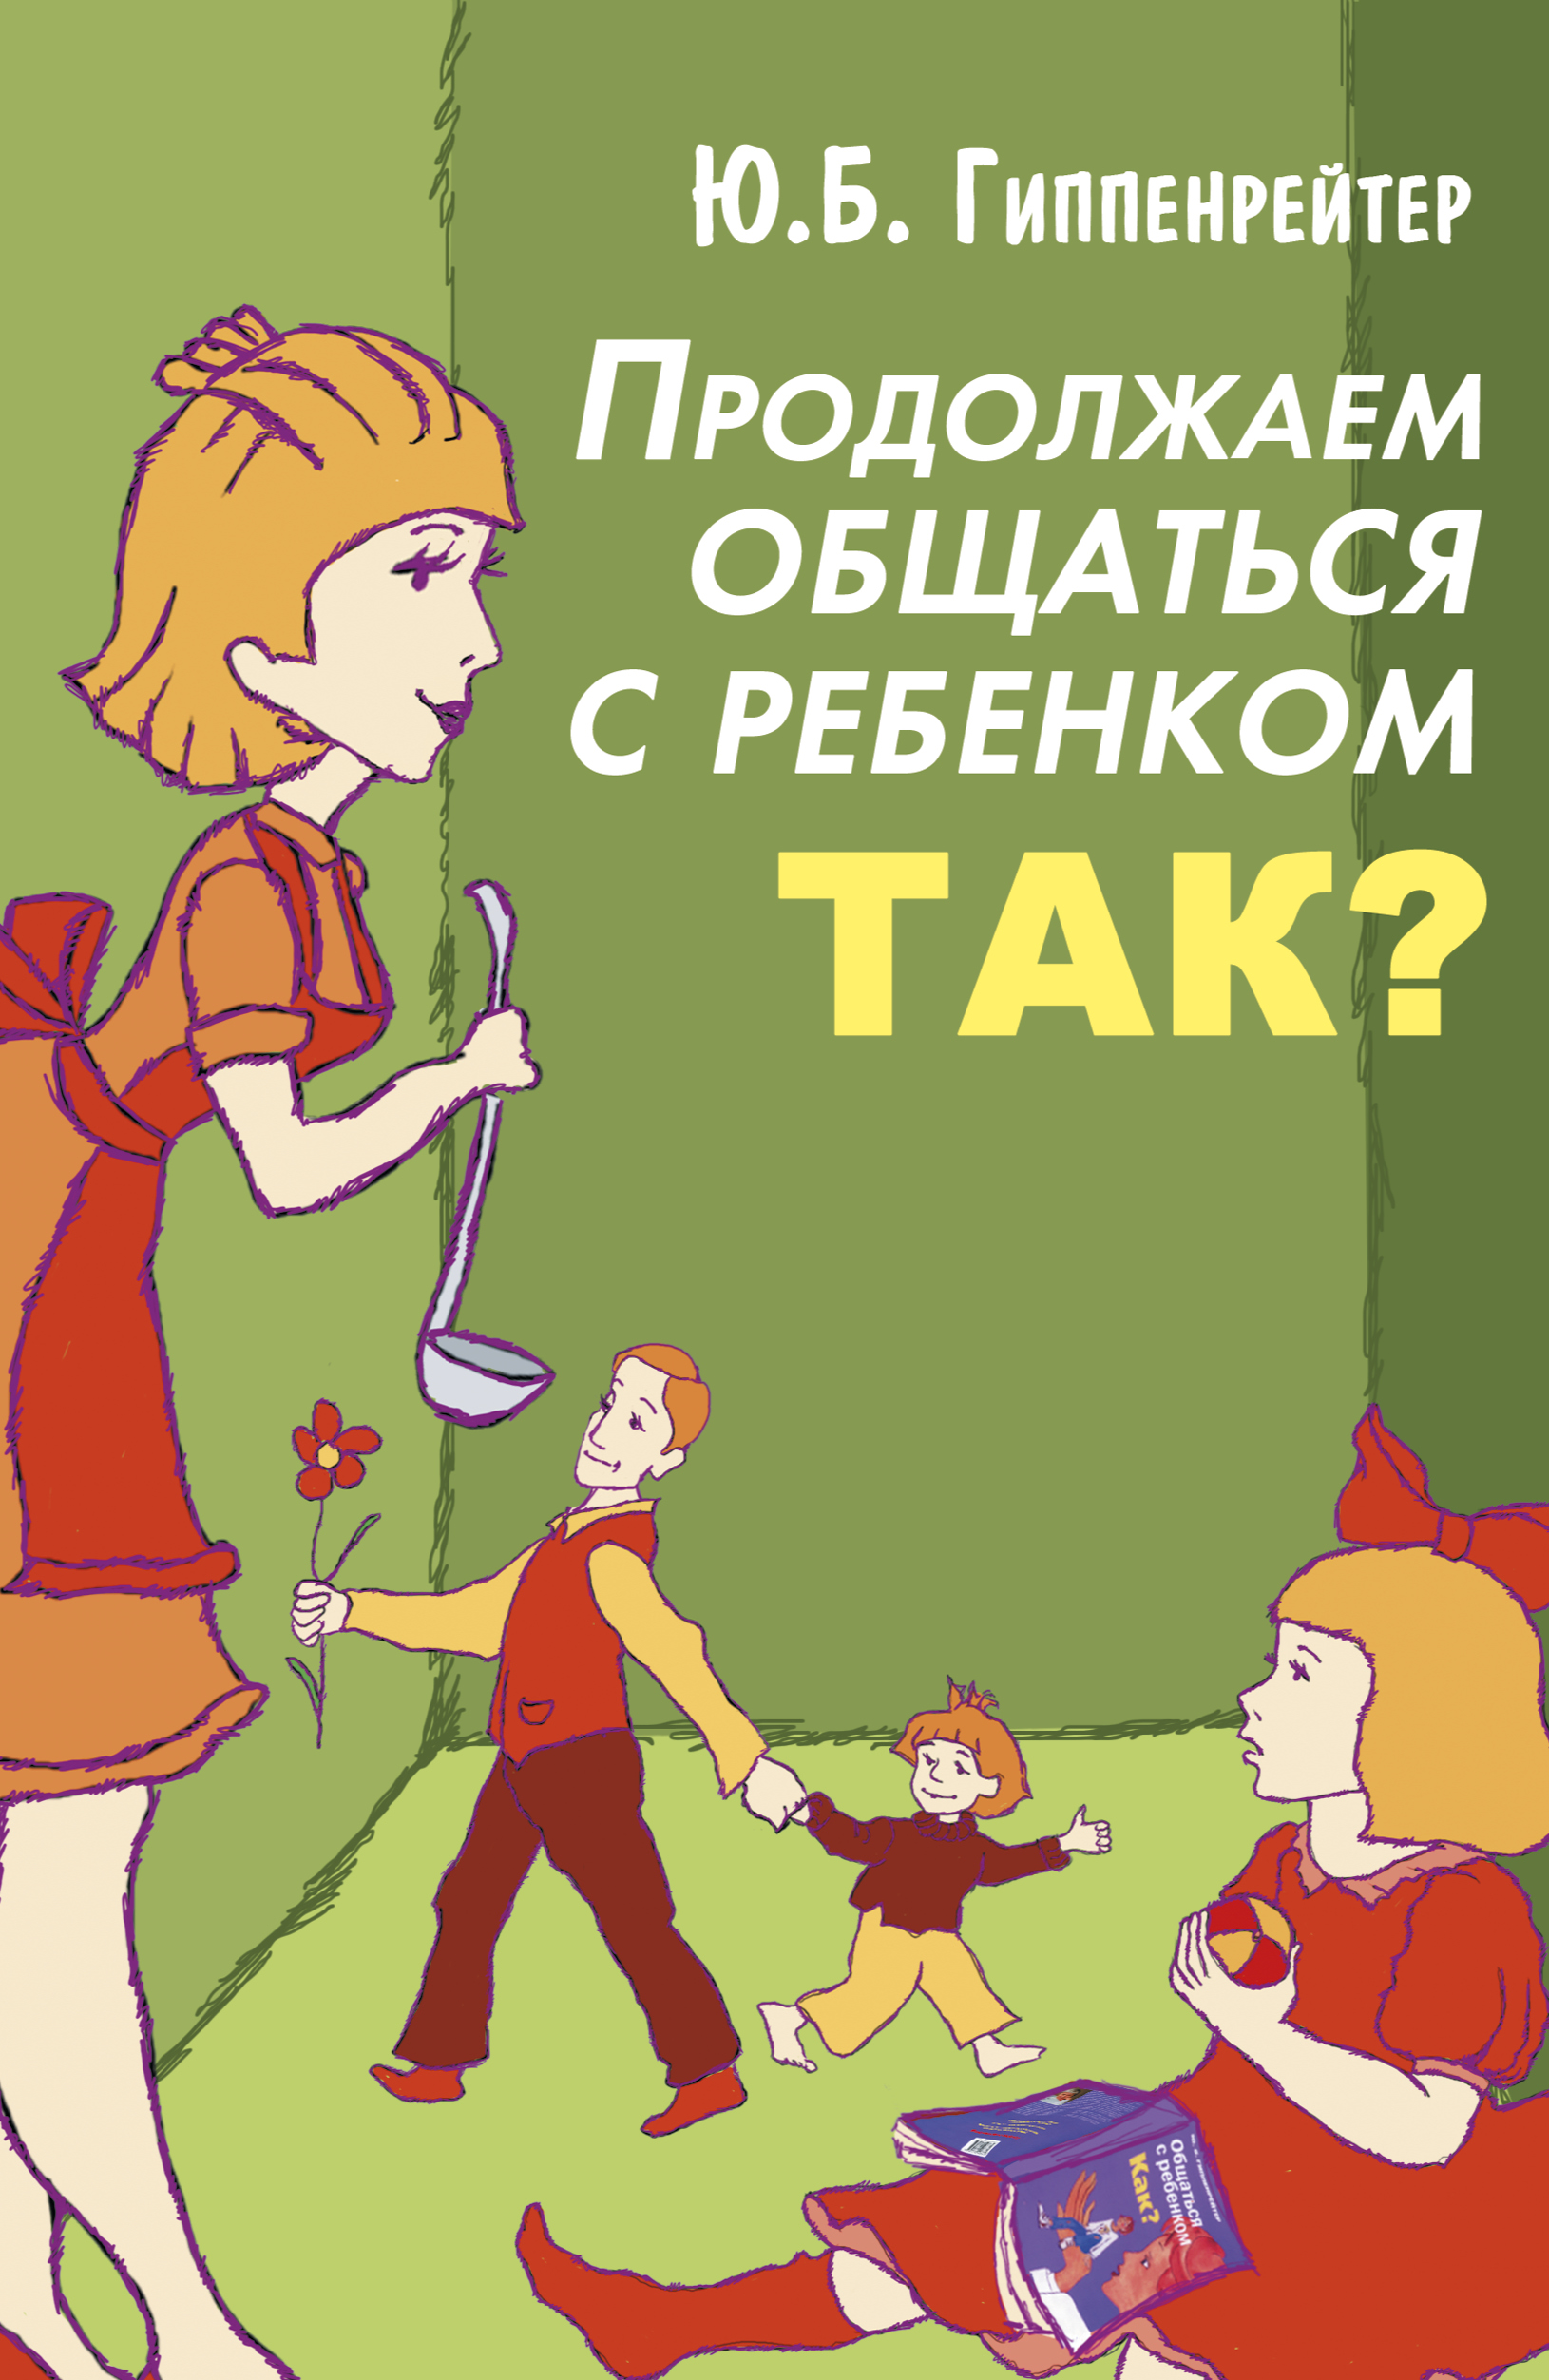 Гиппенрейтер Ю.Б. Продолжаем общаться с ребенком. Так? гиппентрейтер общаться с ребенком как в киеве